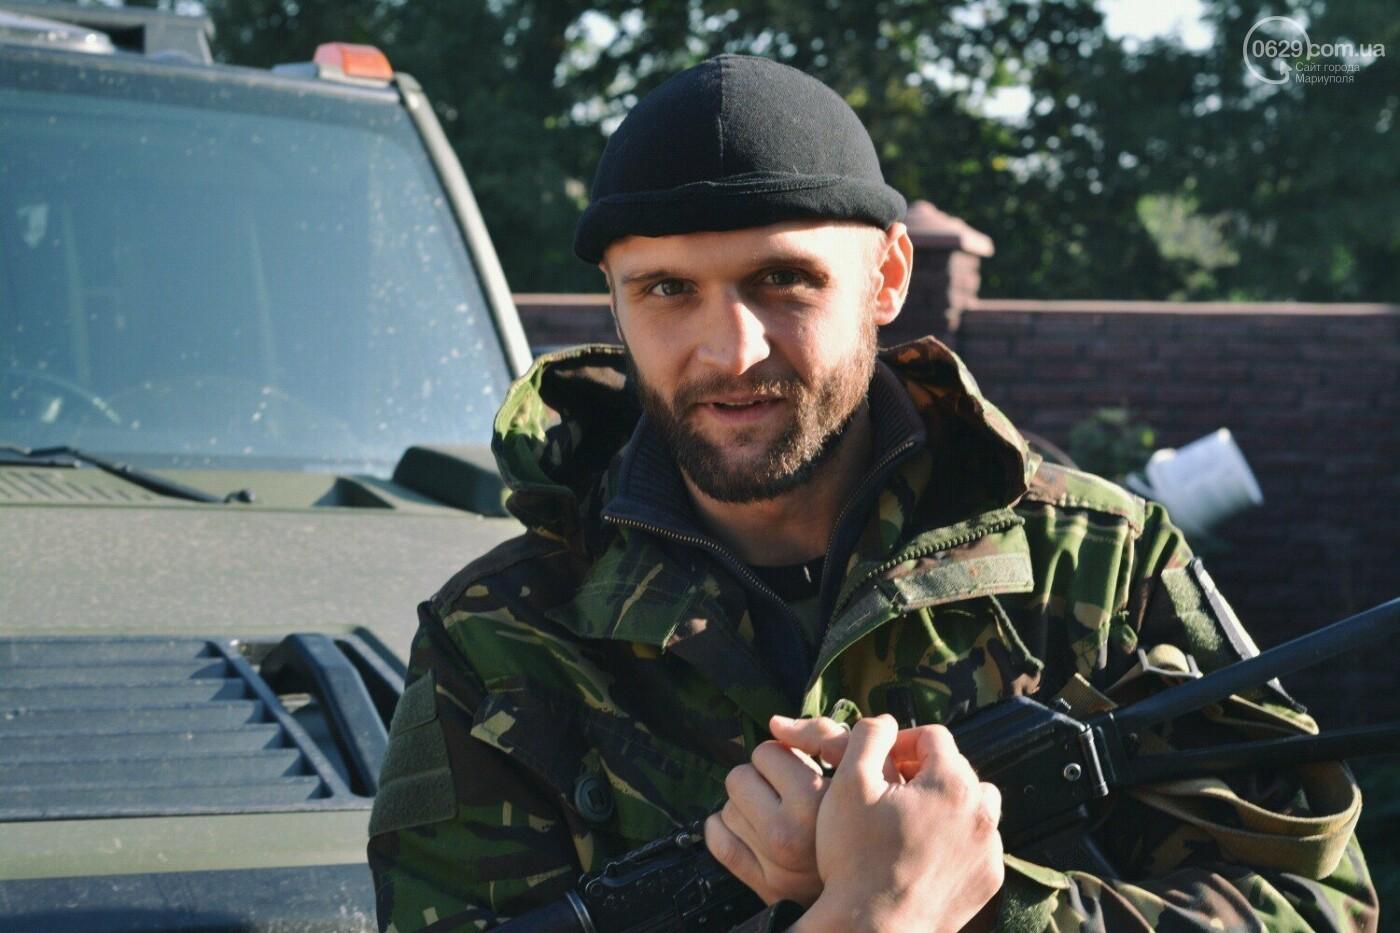 Как донецкий партизан Волков выжил в плену, чтобы воевать за Донбасс, - ФОТО, фото-1